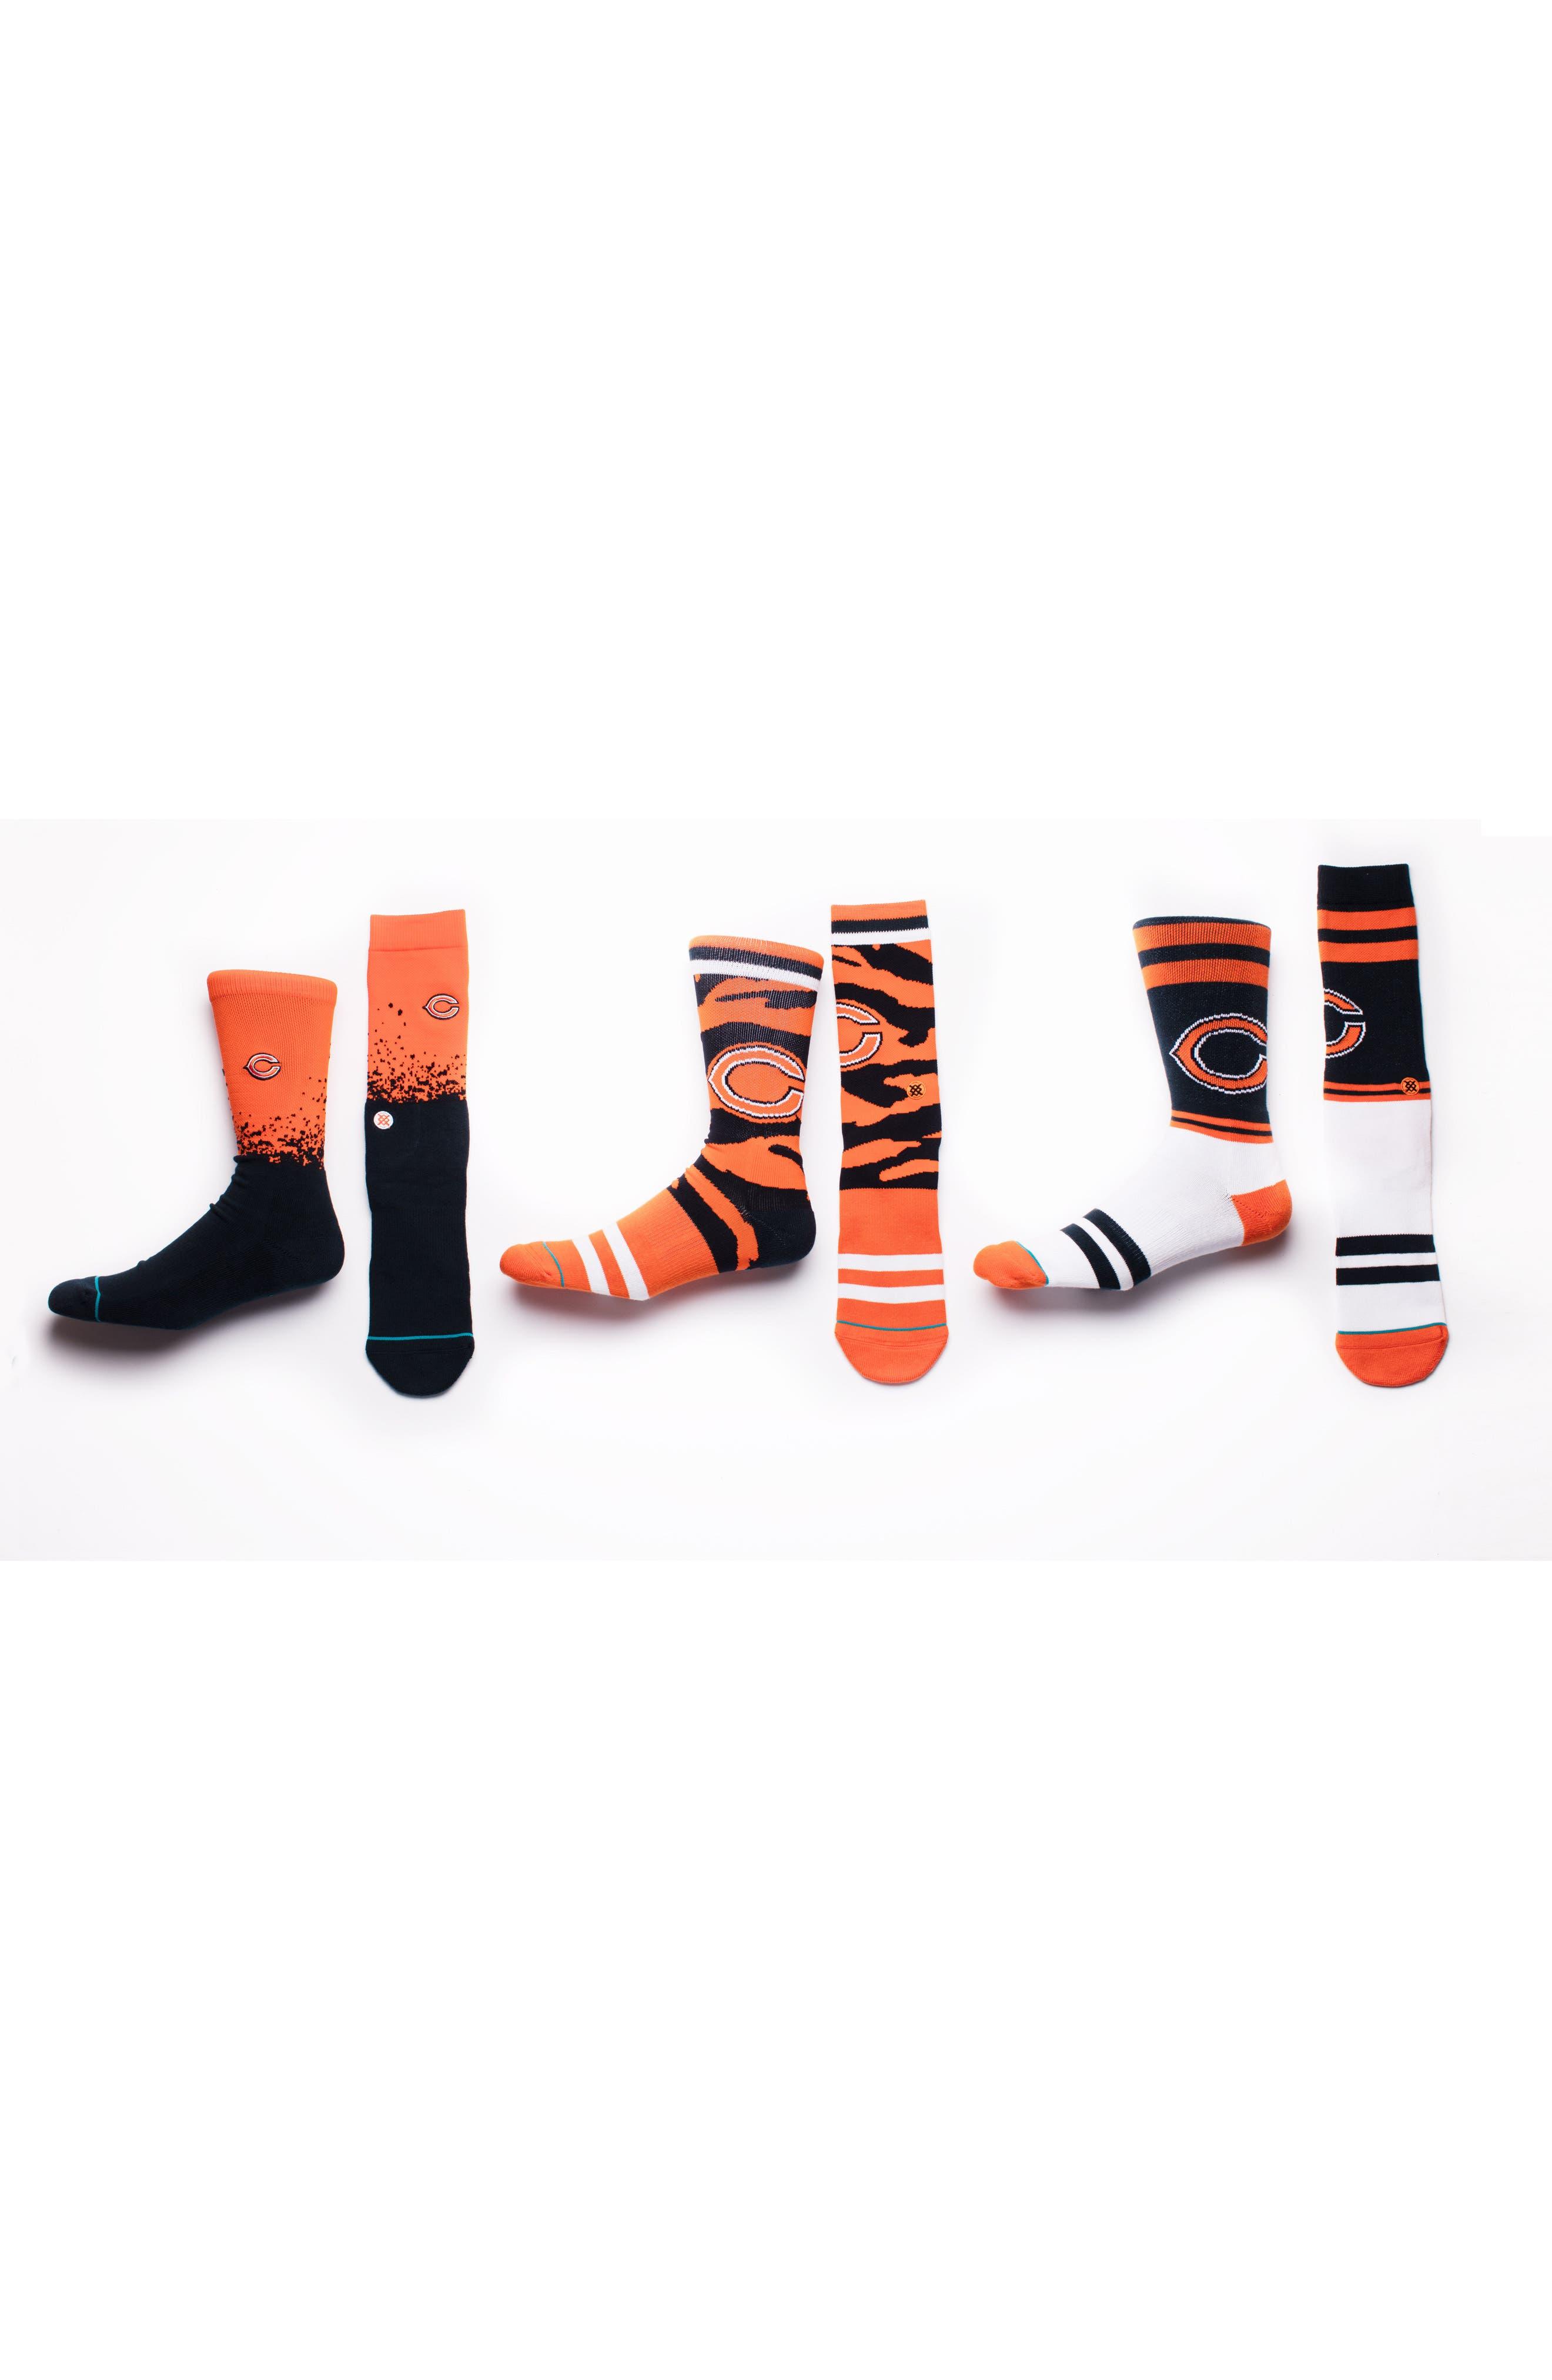 Chicago Bears - Fade Socks,                             Alternate thumbnail 4, color,                             Orange